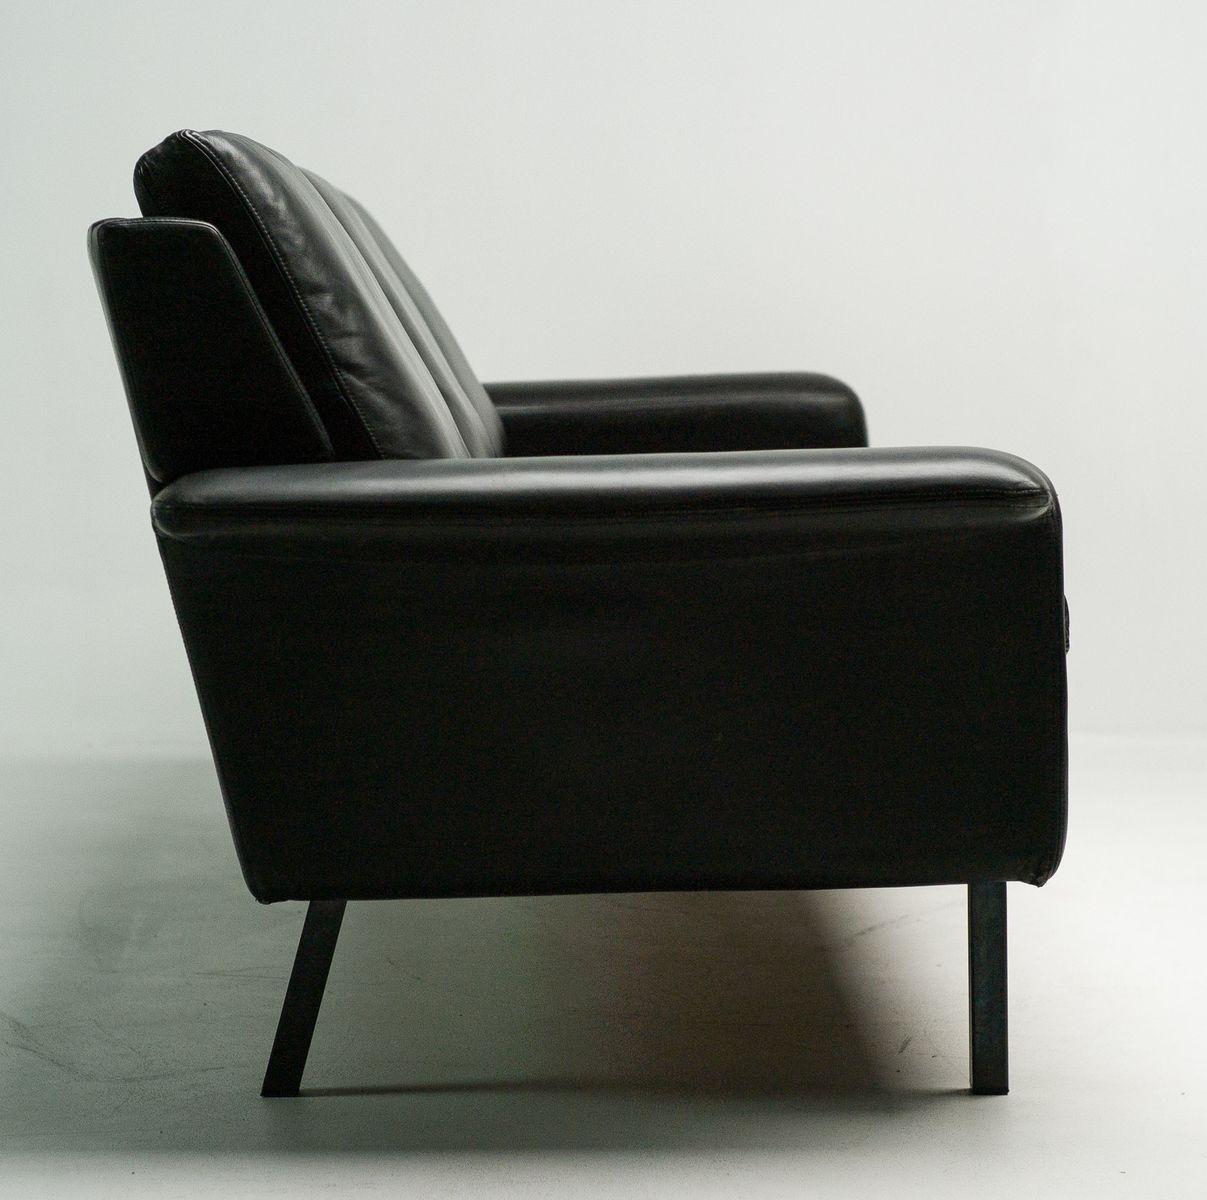 Black Leather Sofa By Arne Vodder For Fritz Hansen 1962